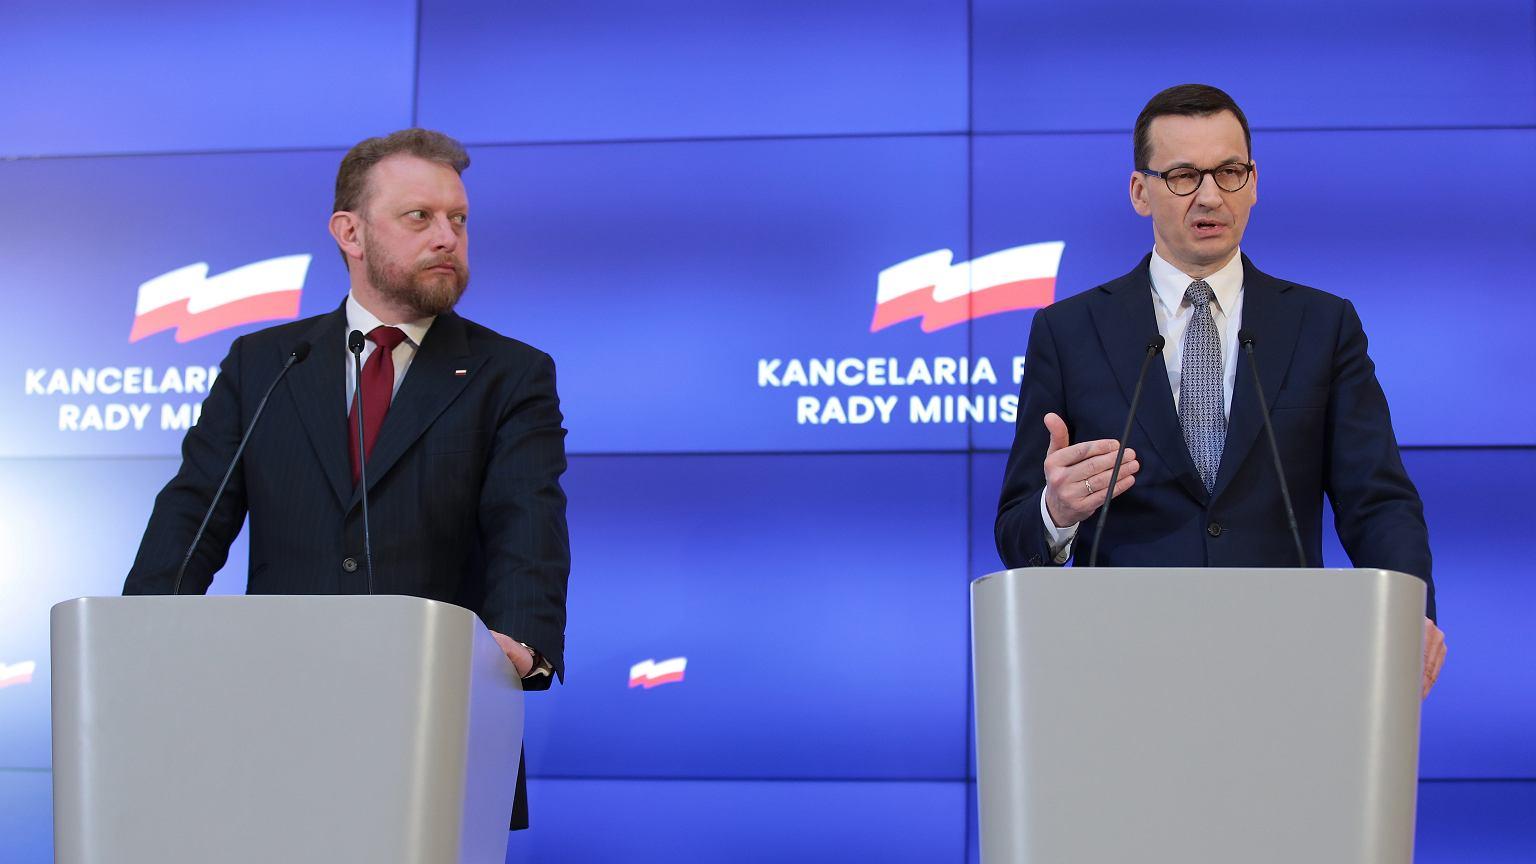 Глава Правительства Польши объявил о закрытии школ и вузов на 2 недели